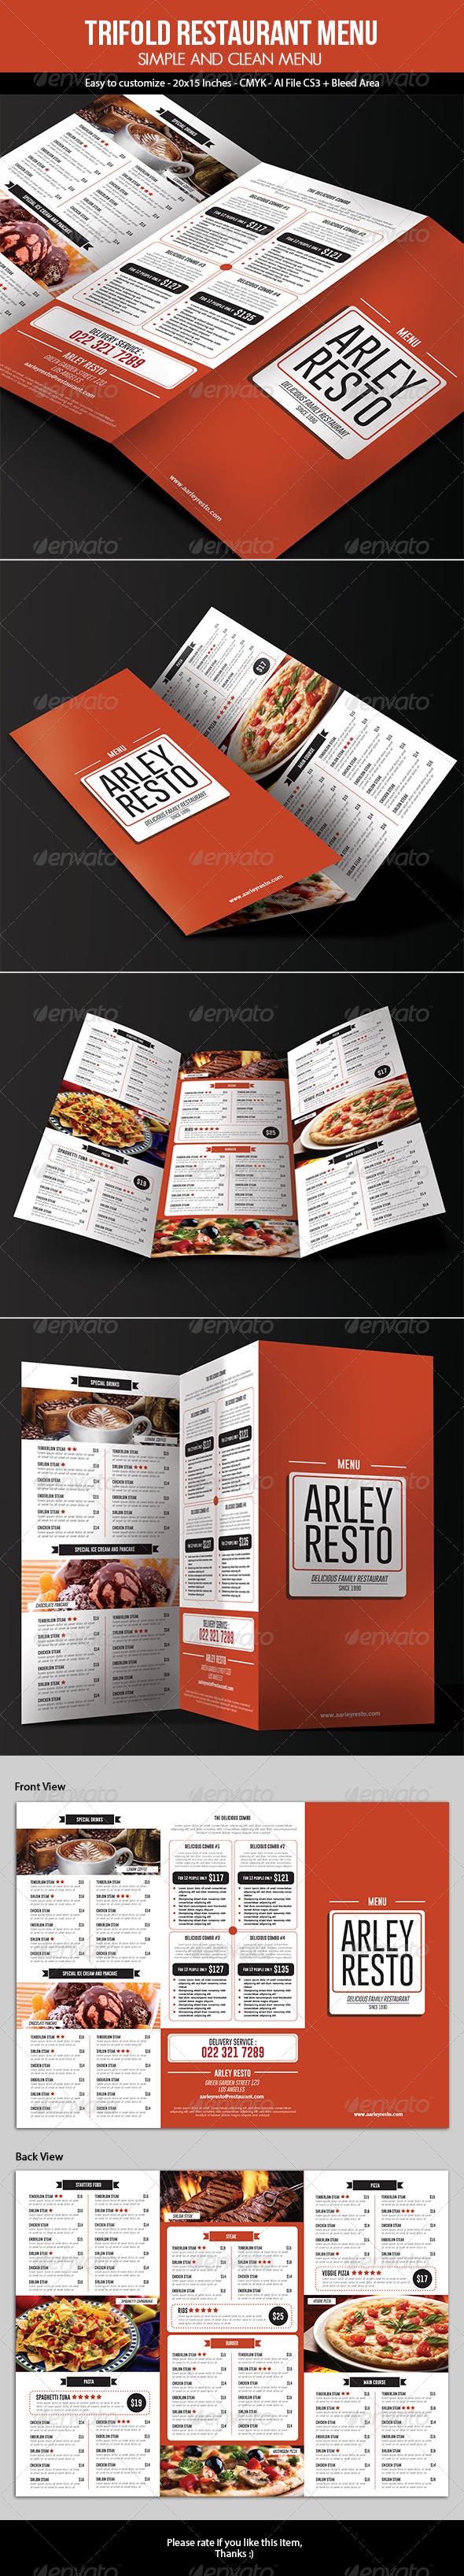 GraphicRiver Trifold Restaurant Menu 7065846